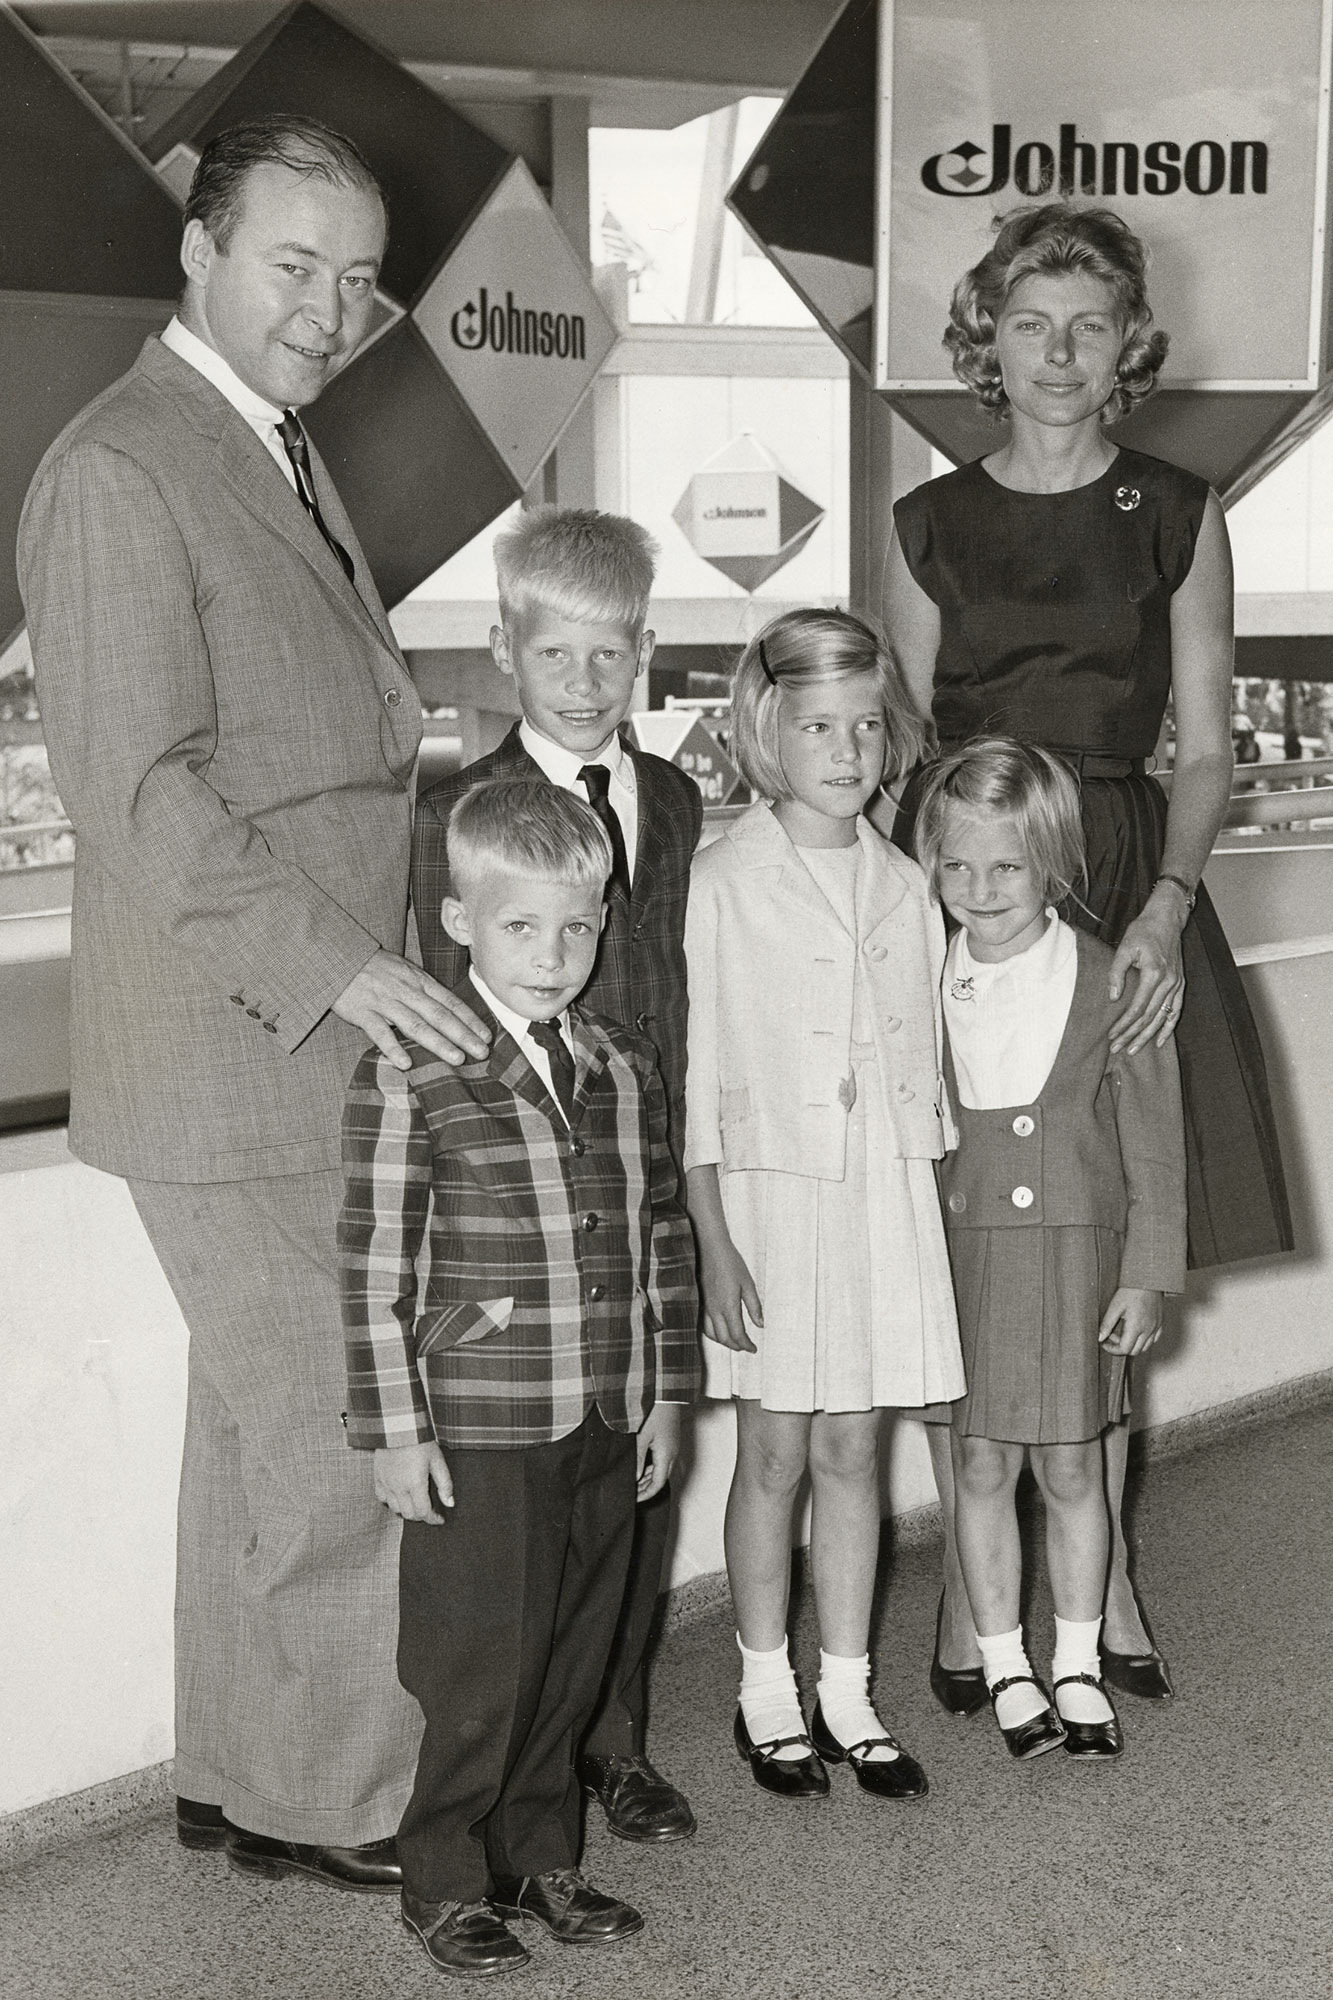 Imogene Johnson z Samuelem C Johnsonem oraz dziećmi podczas wystawy światowej w1964r